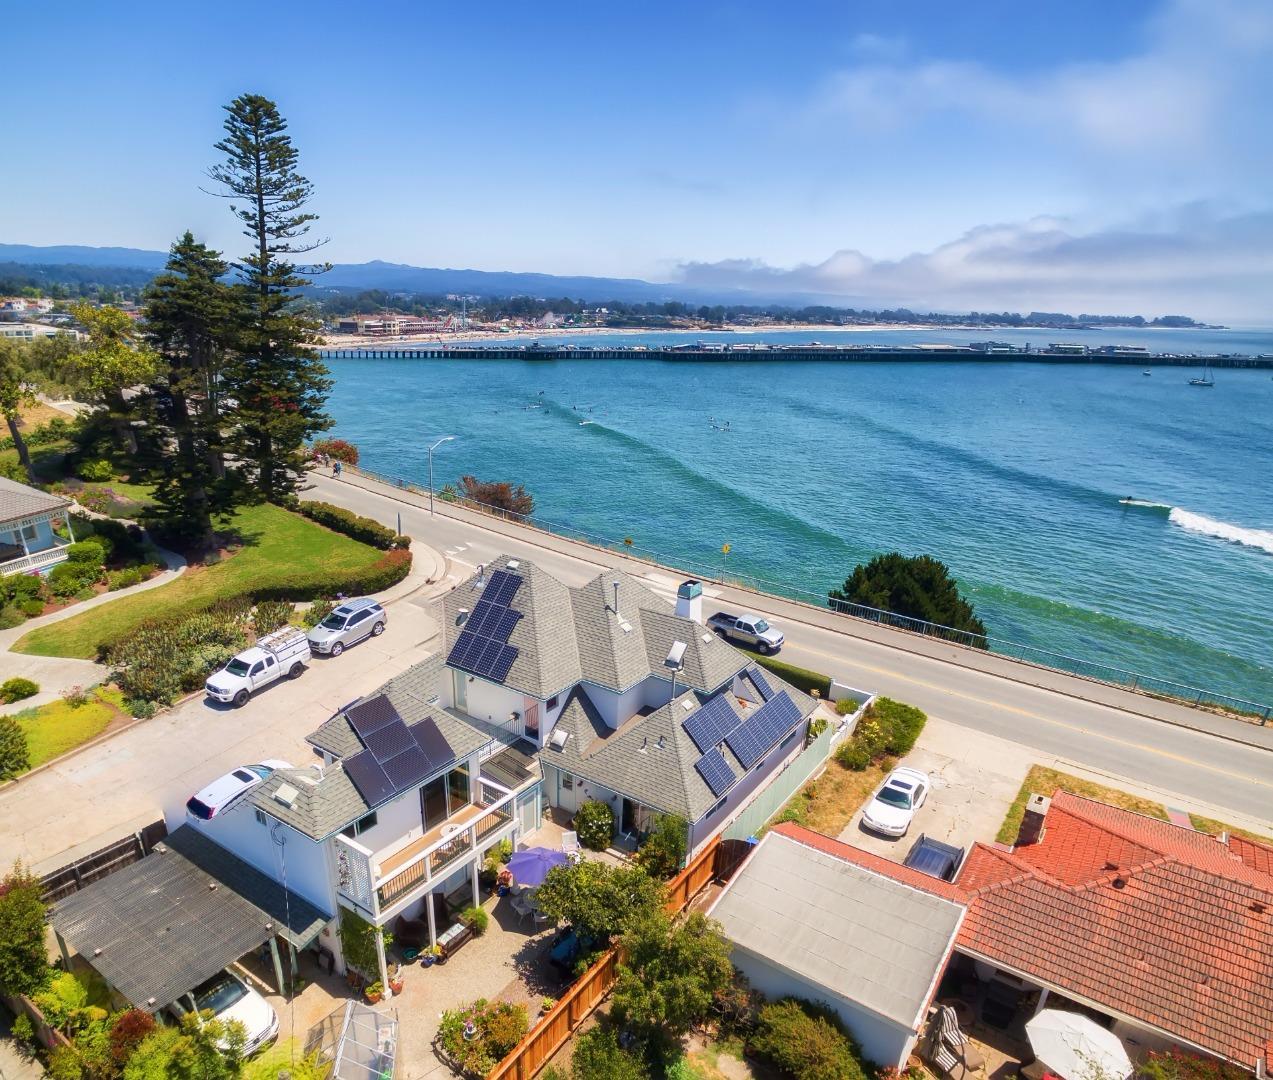 Casa Unifamiliar por un Venta en 404 W Cliff Drive 404 W Cliff Drive Santa Cruz, California 95060 Estados Unidos